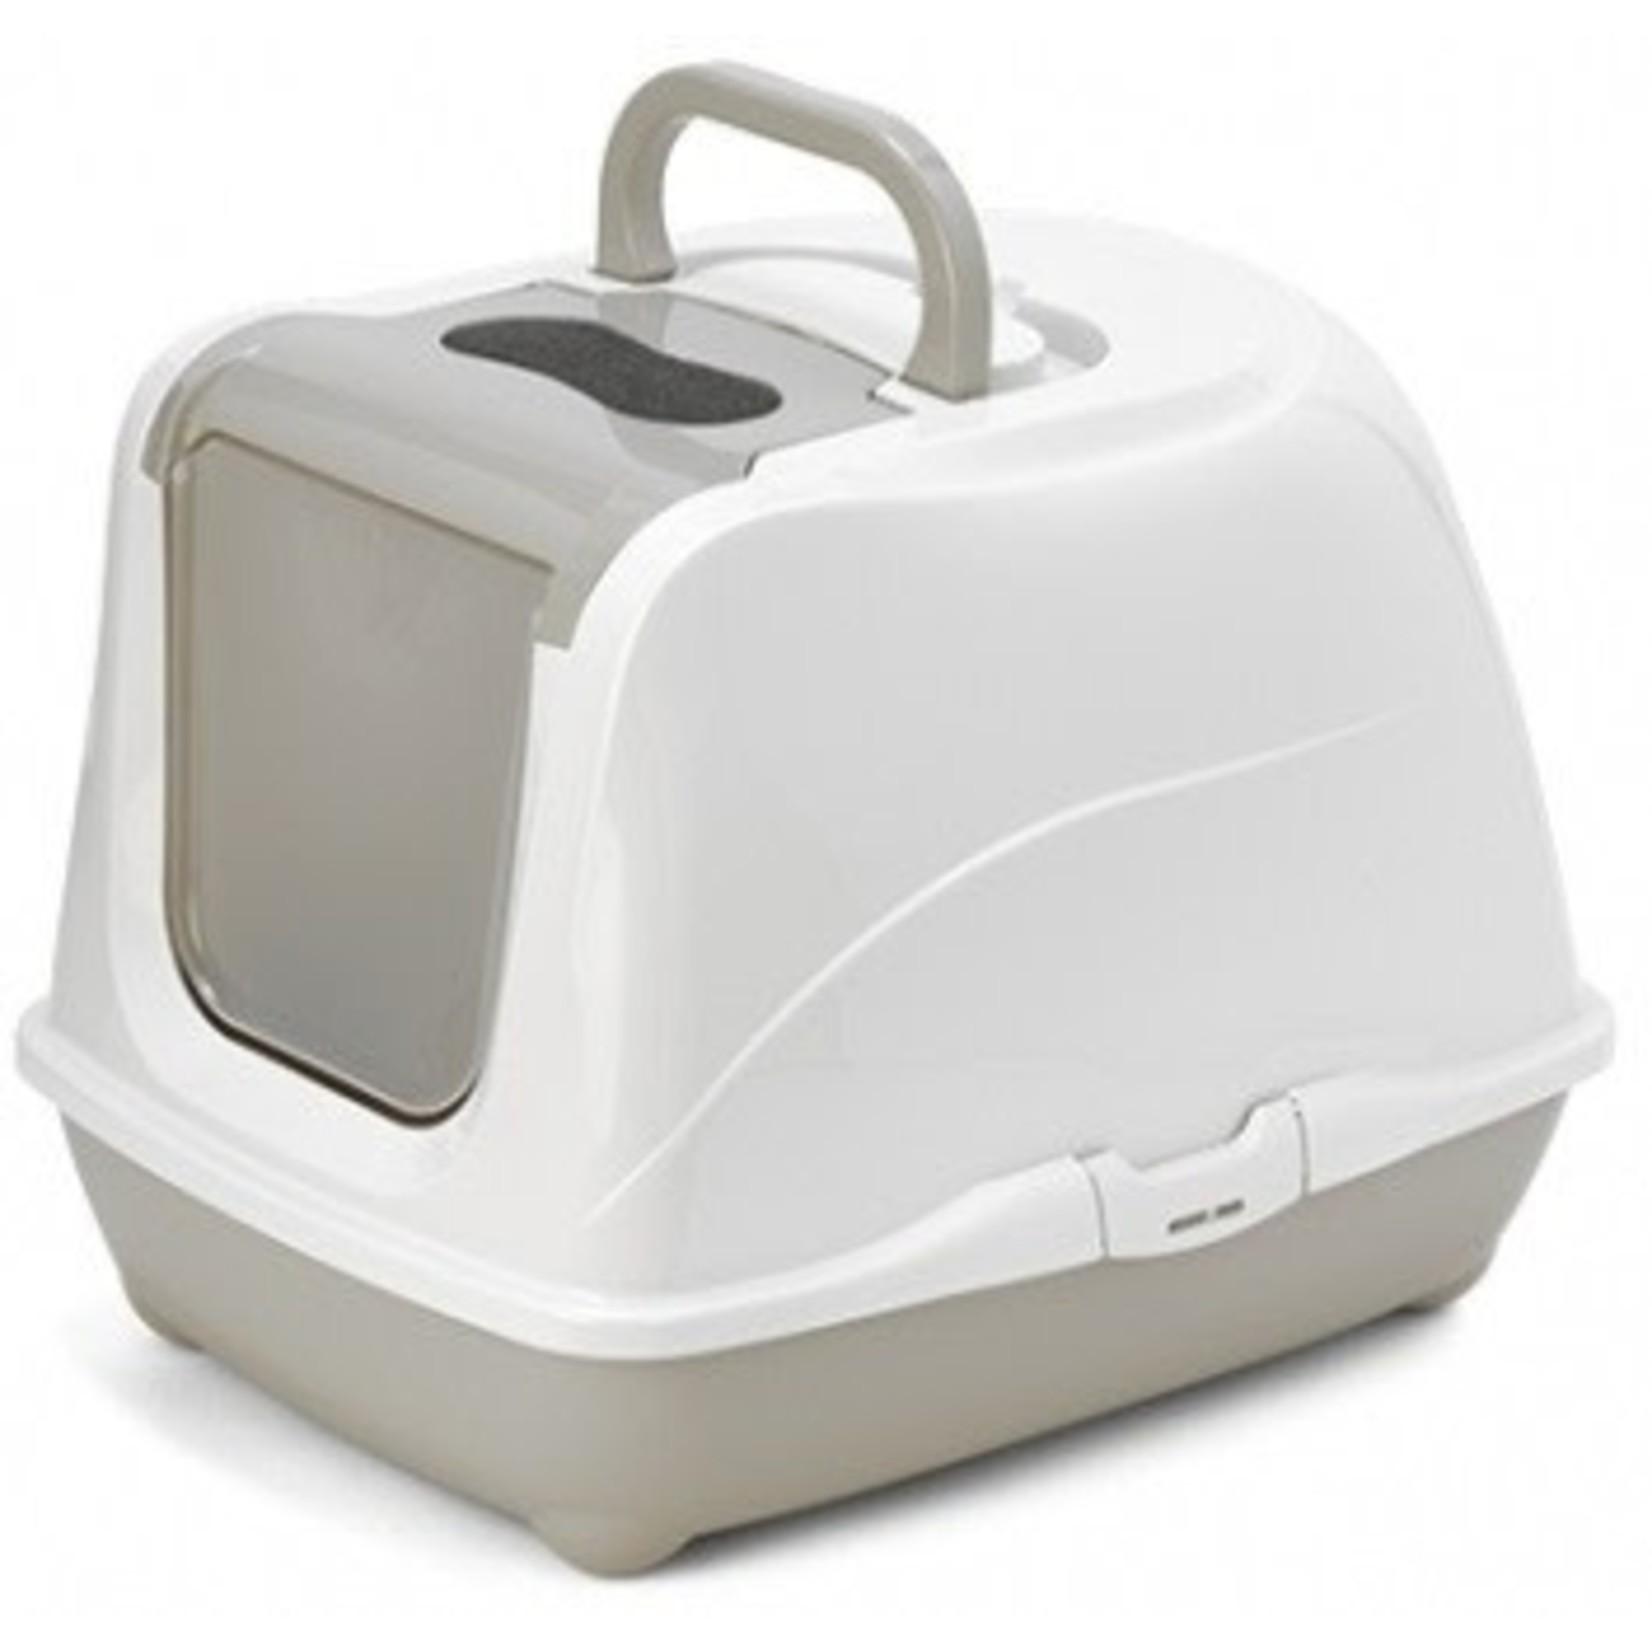 Flip Cat Litter Pan with door warm gray